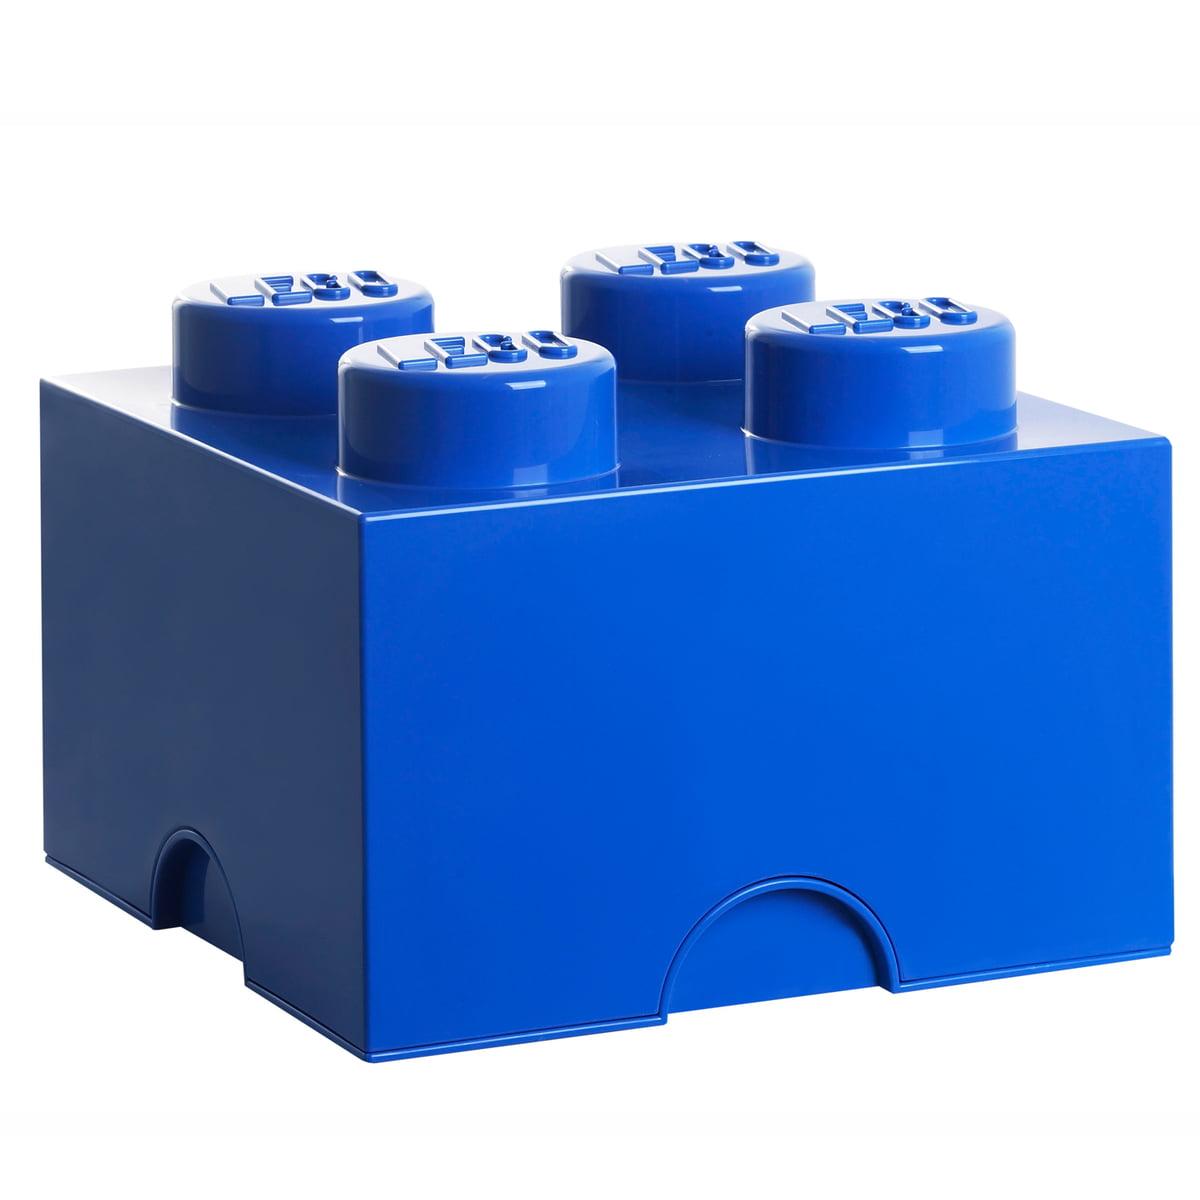 Lego - Storage Brick 4, blau | Kinderzimmer > Spielzeuge | Blau | Kunststoff | Lego